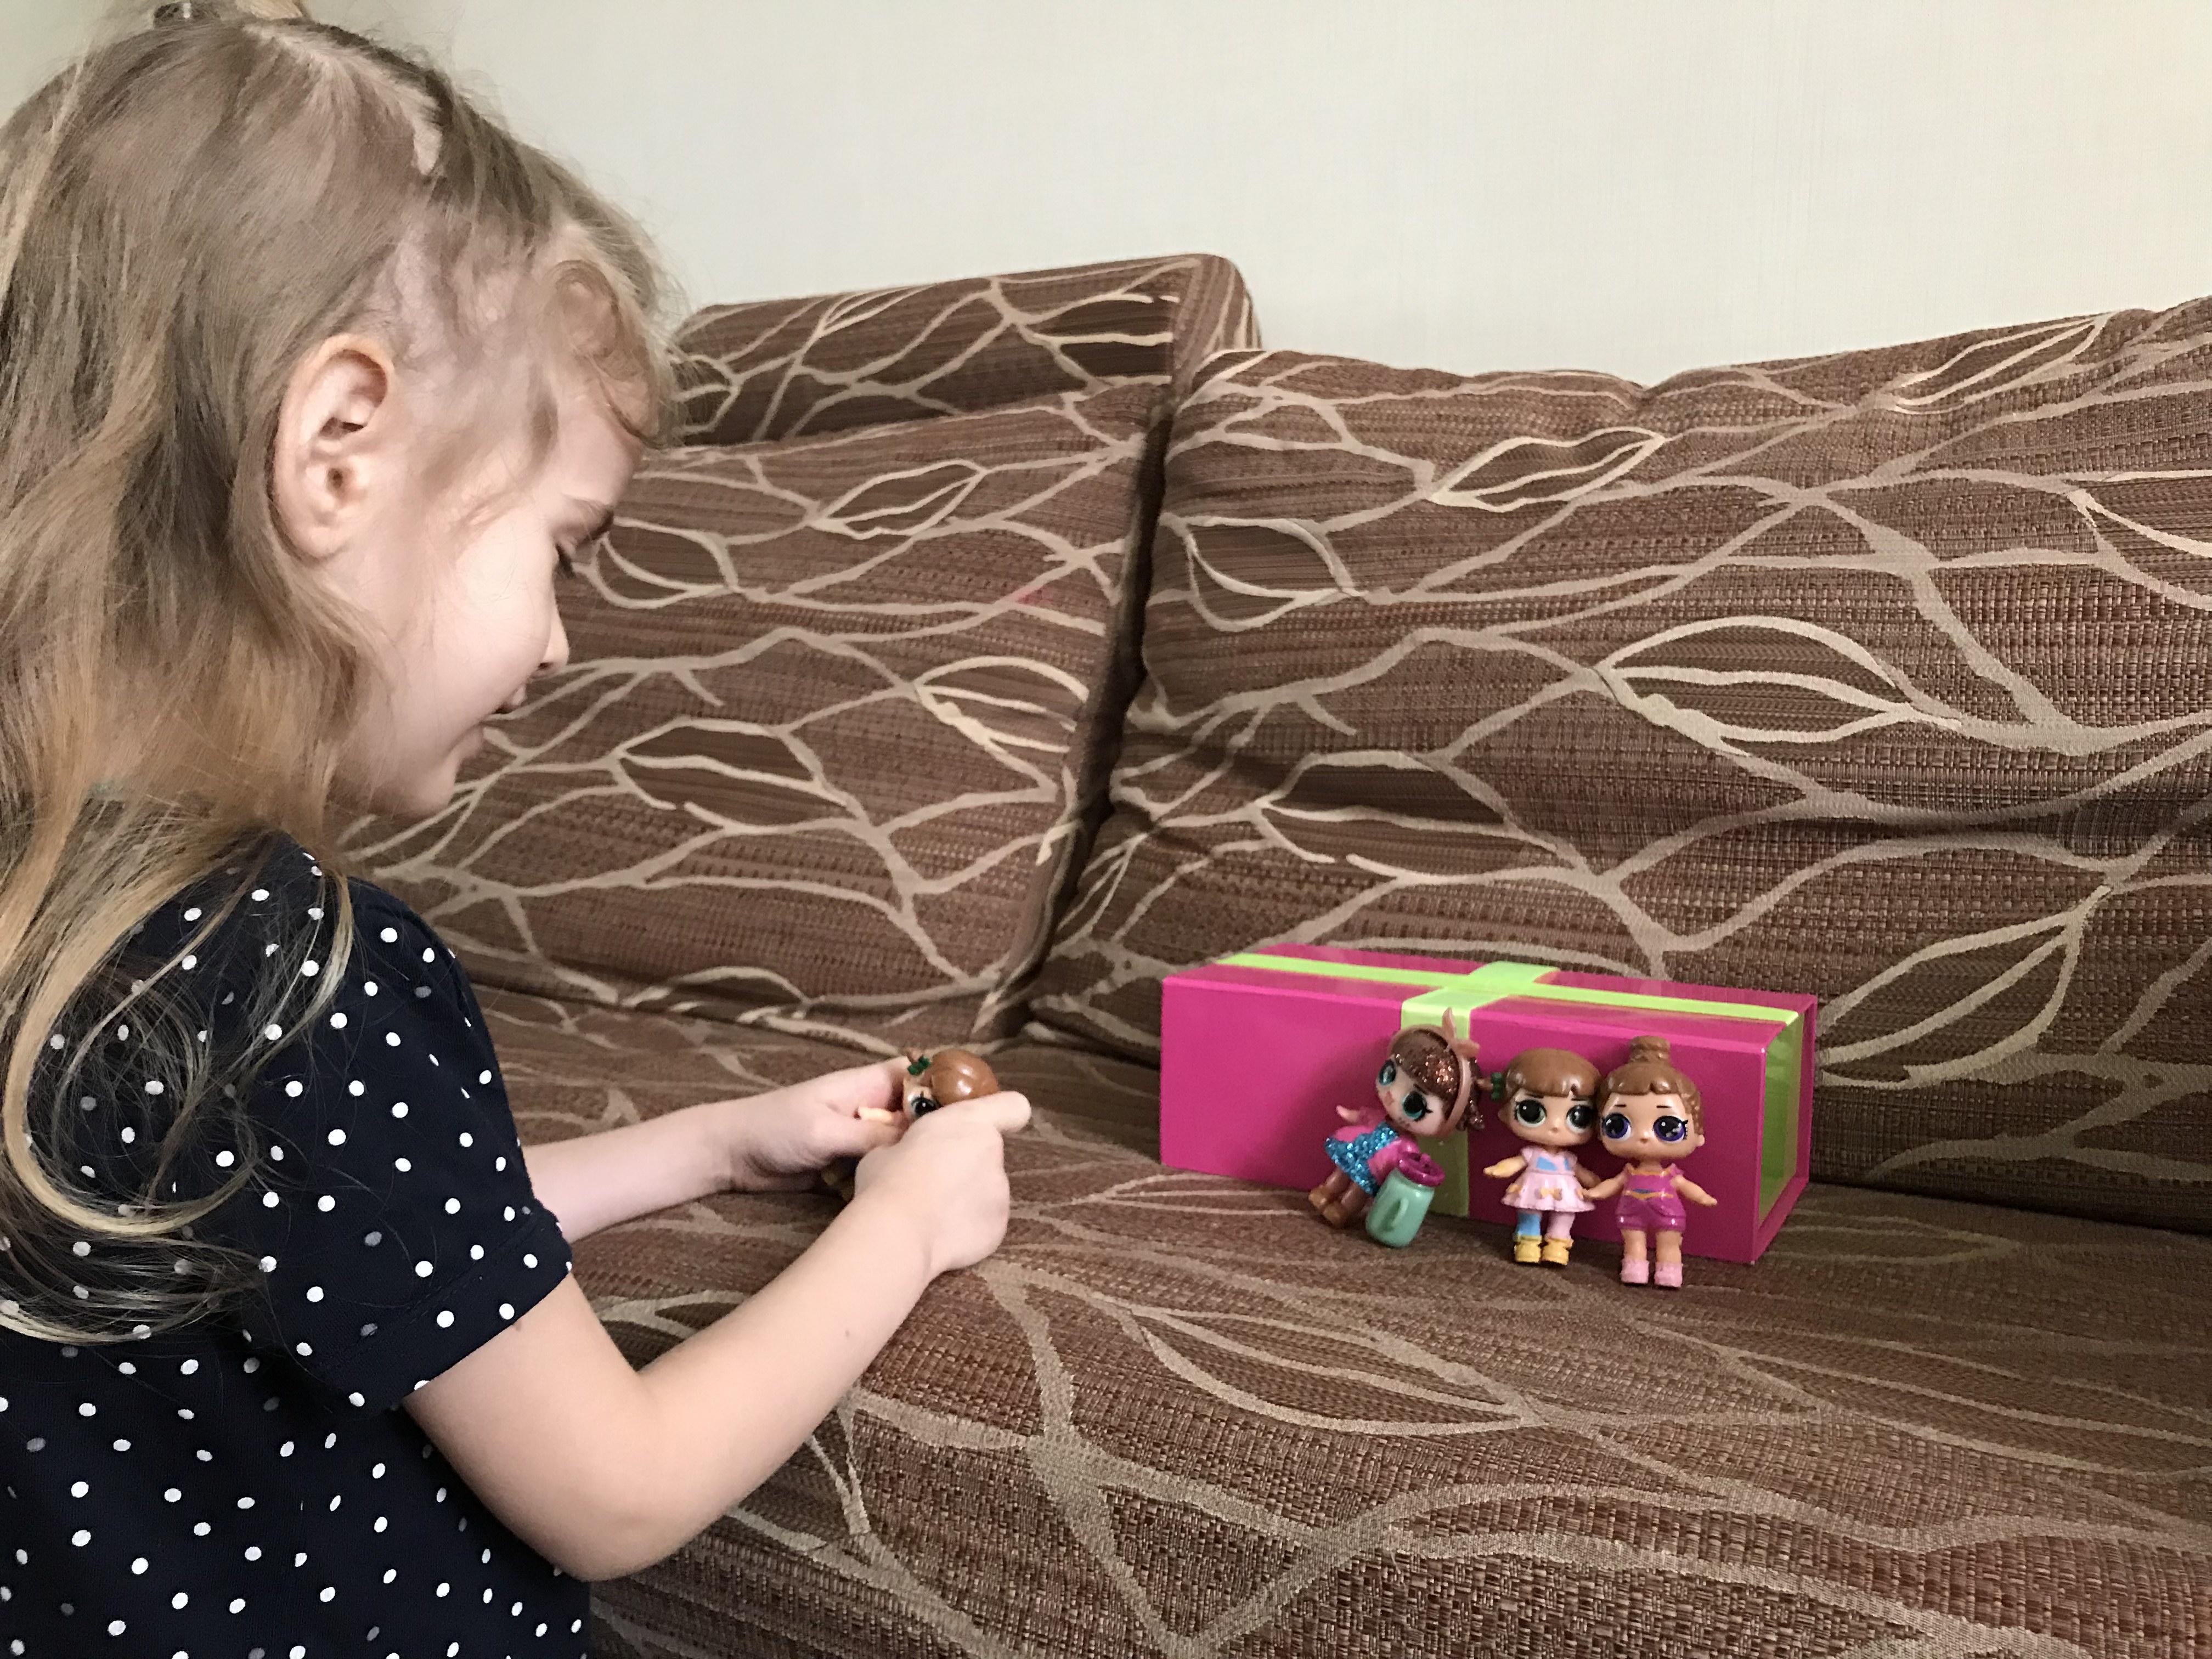 дівчина грає з ляльками